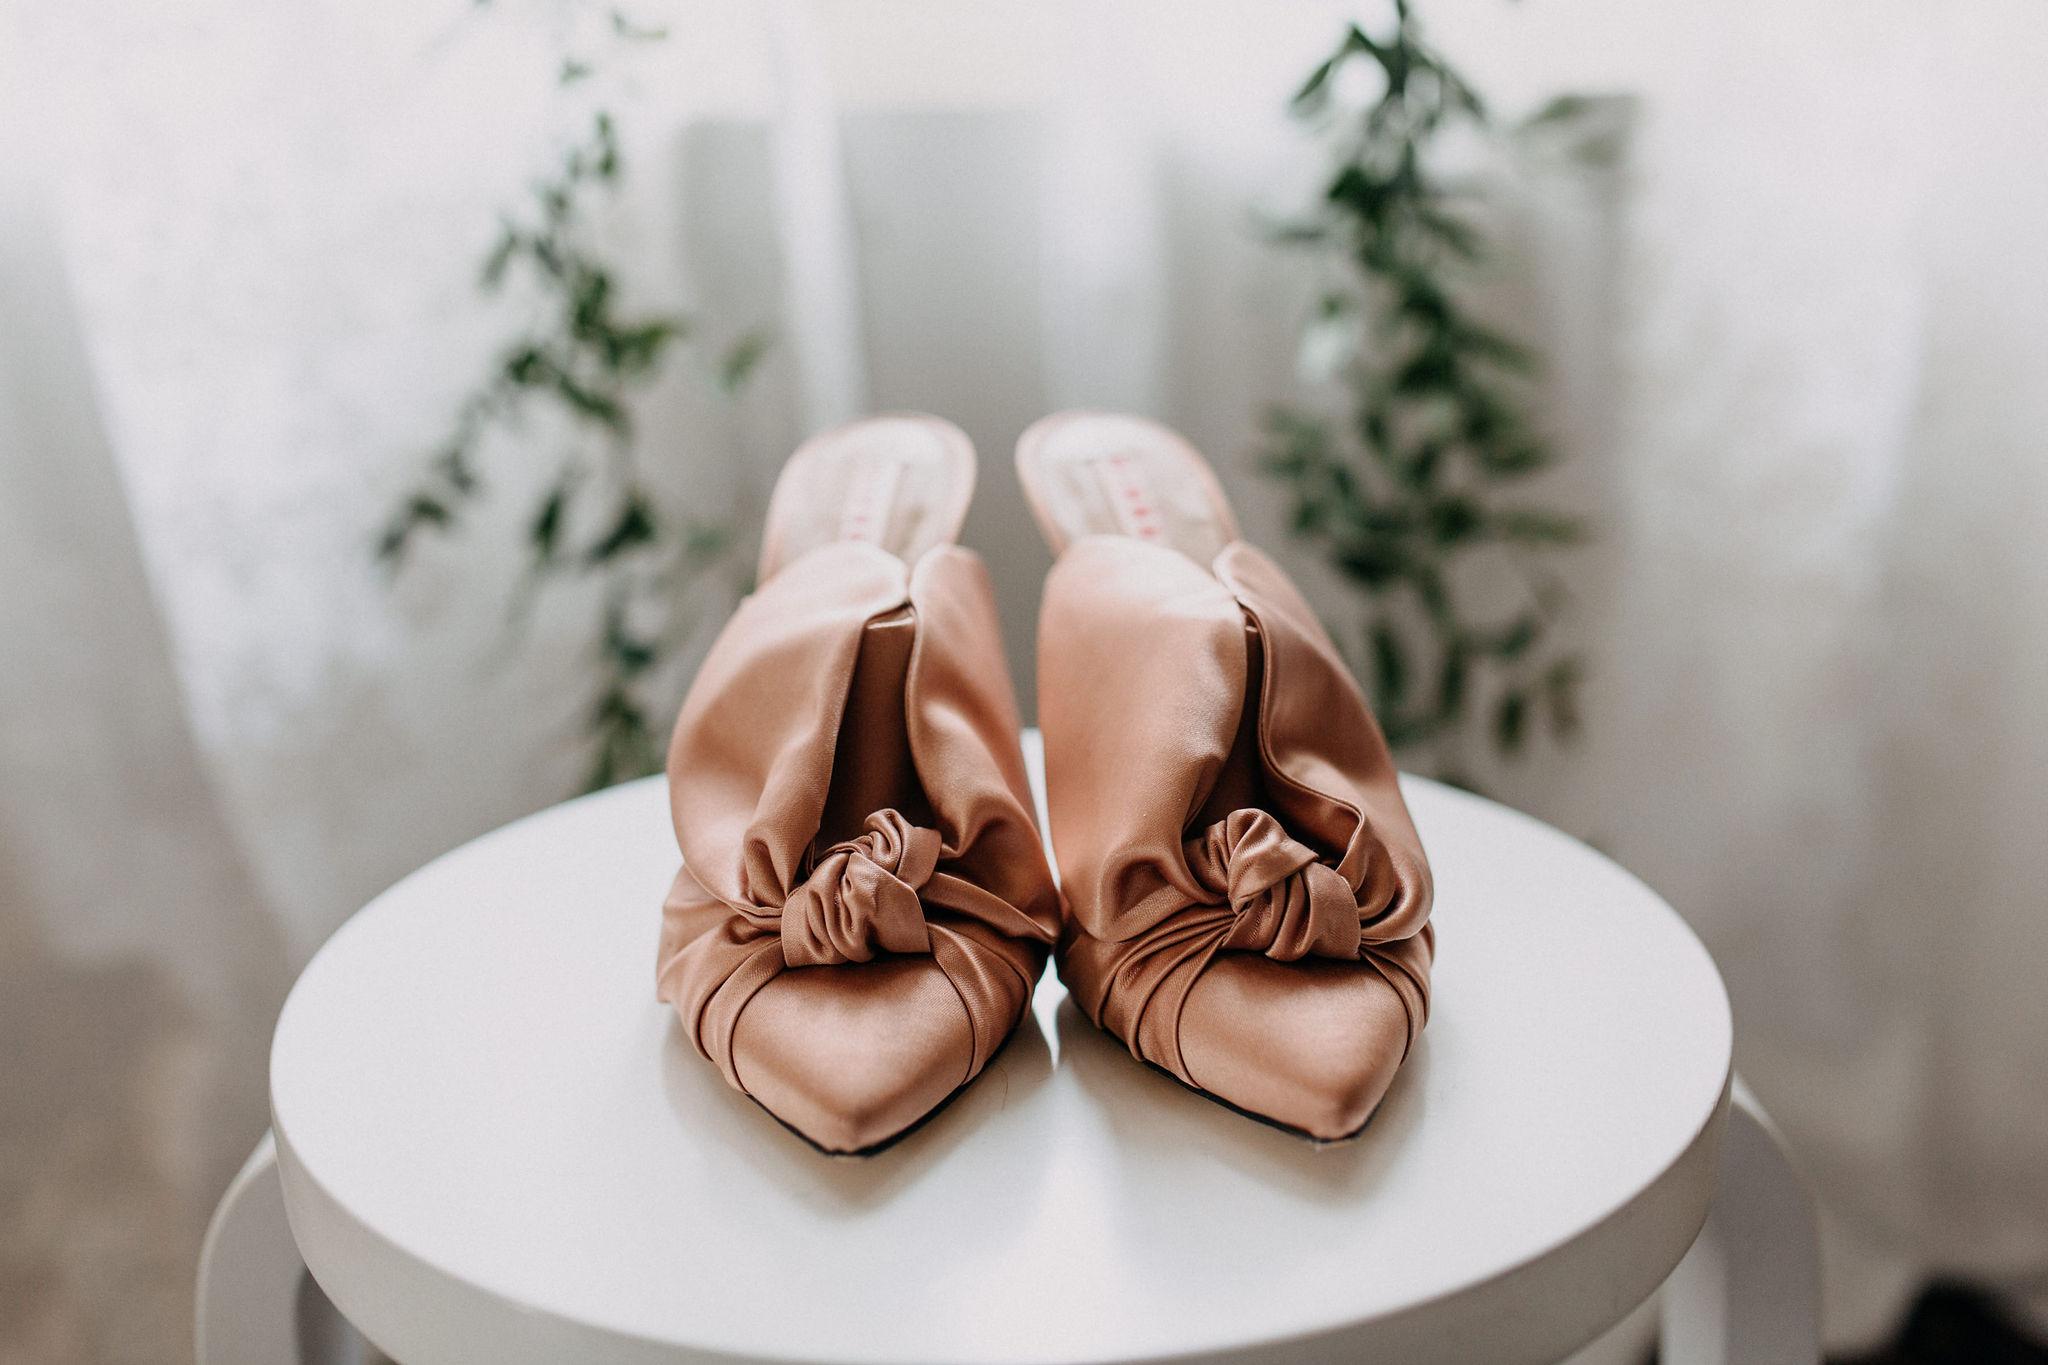 StyledShoot-2019-SusannaLönnrot-35.jpg